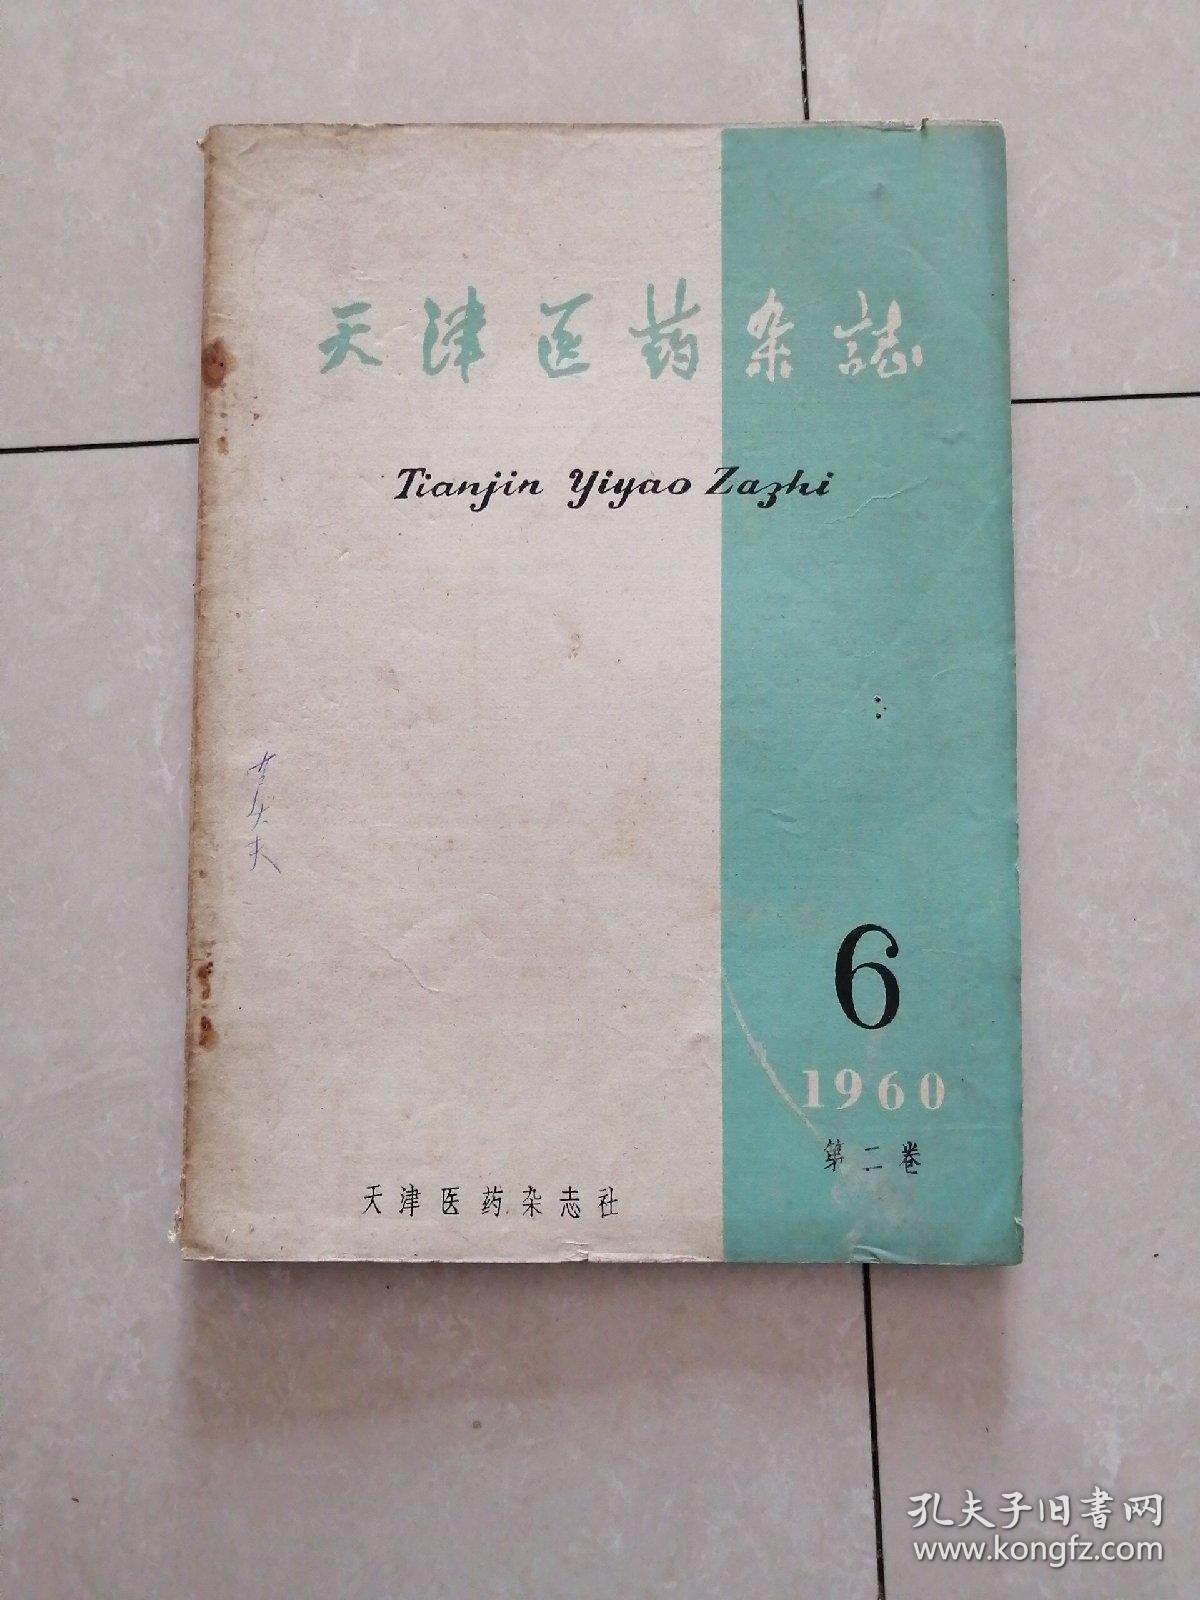 天津医药杂志1960年6月号,第二卷第六期